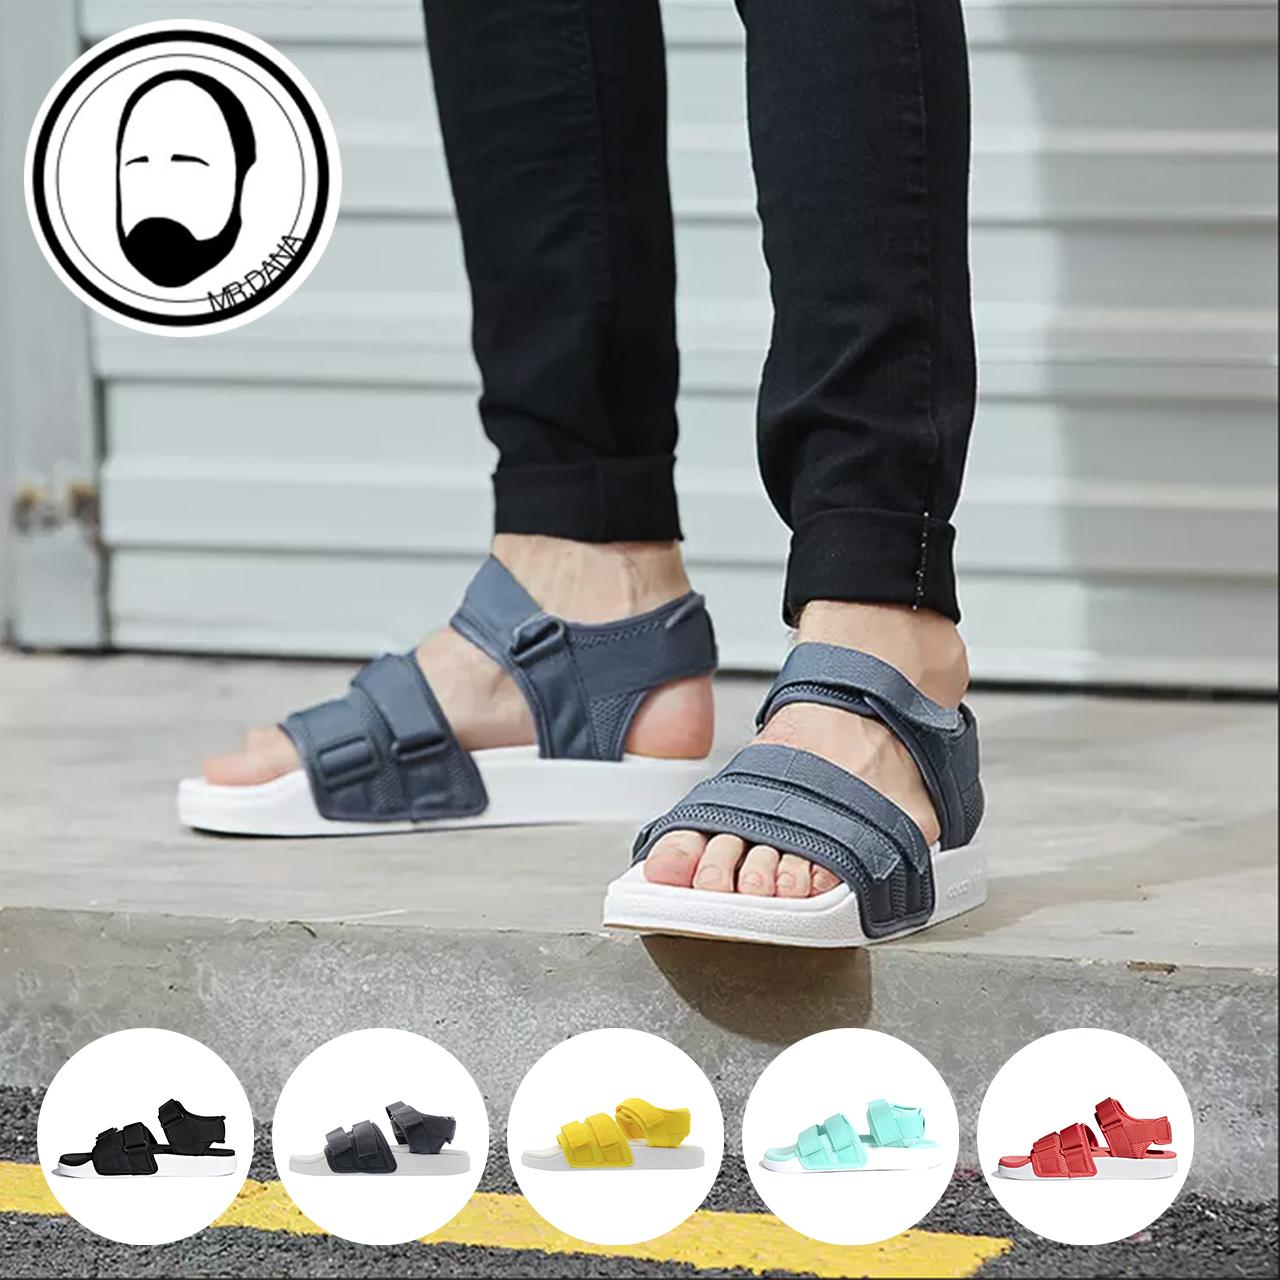 d3a5de00cb7d Dada Adidas Adi Clover Velcro Sports Beach Sandals Men and Women Couples  AC8583